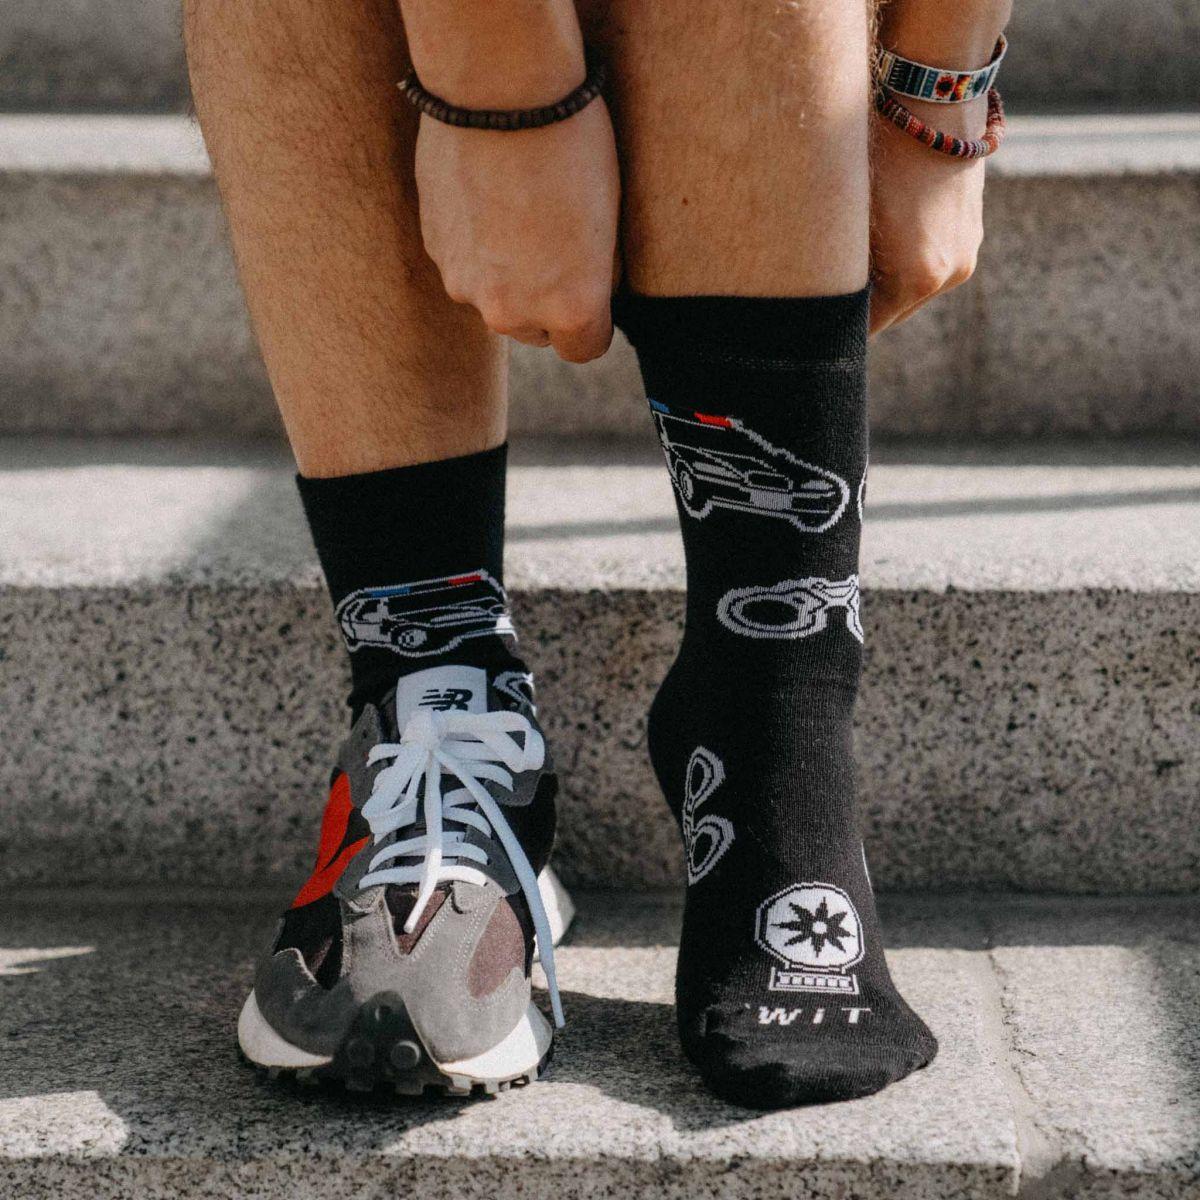 Socken - Polizei p3